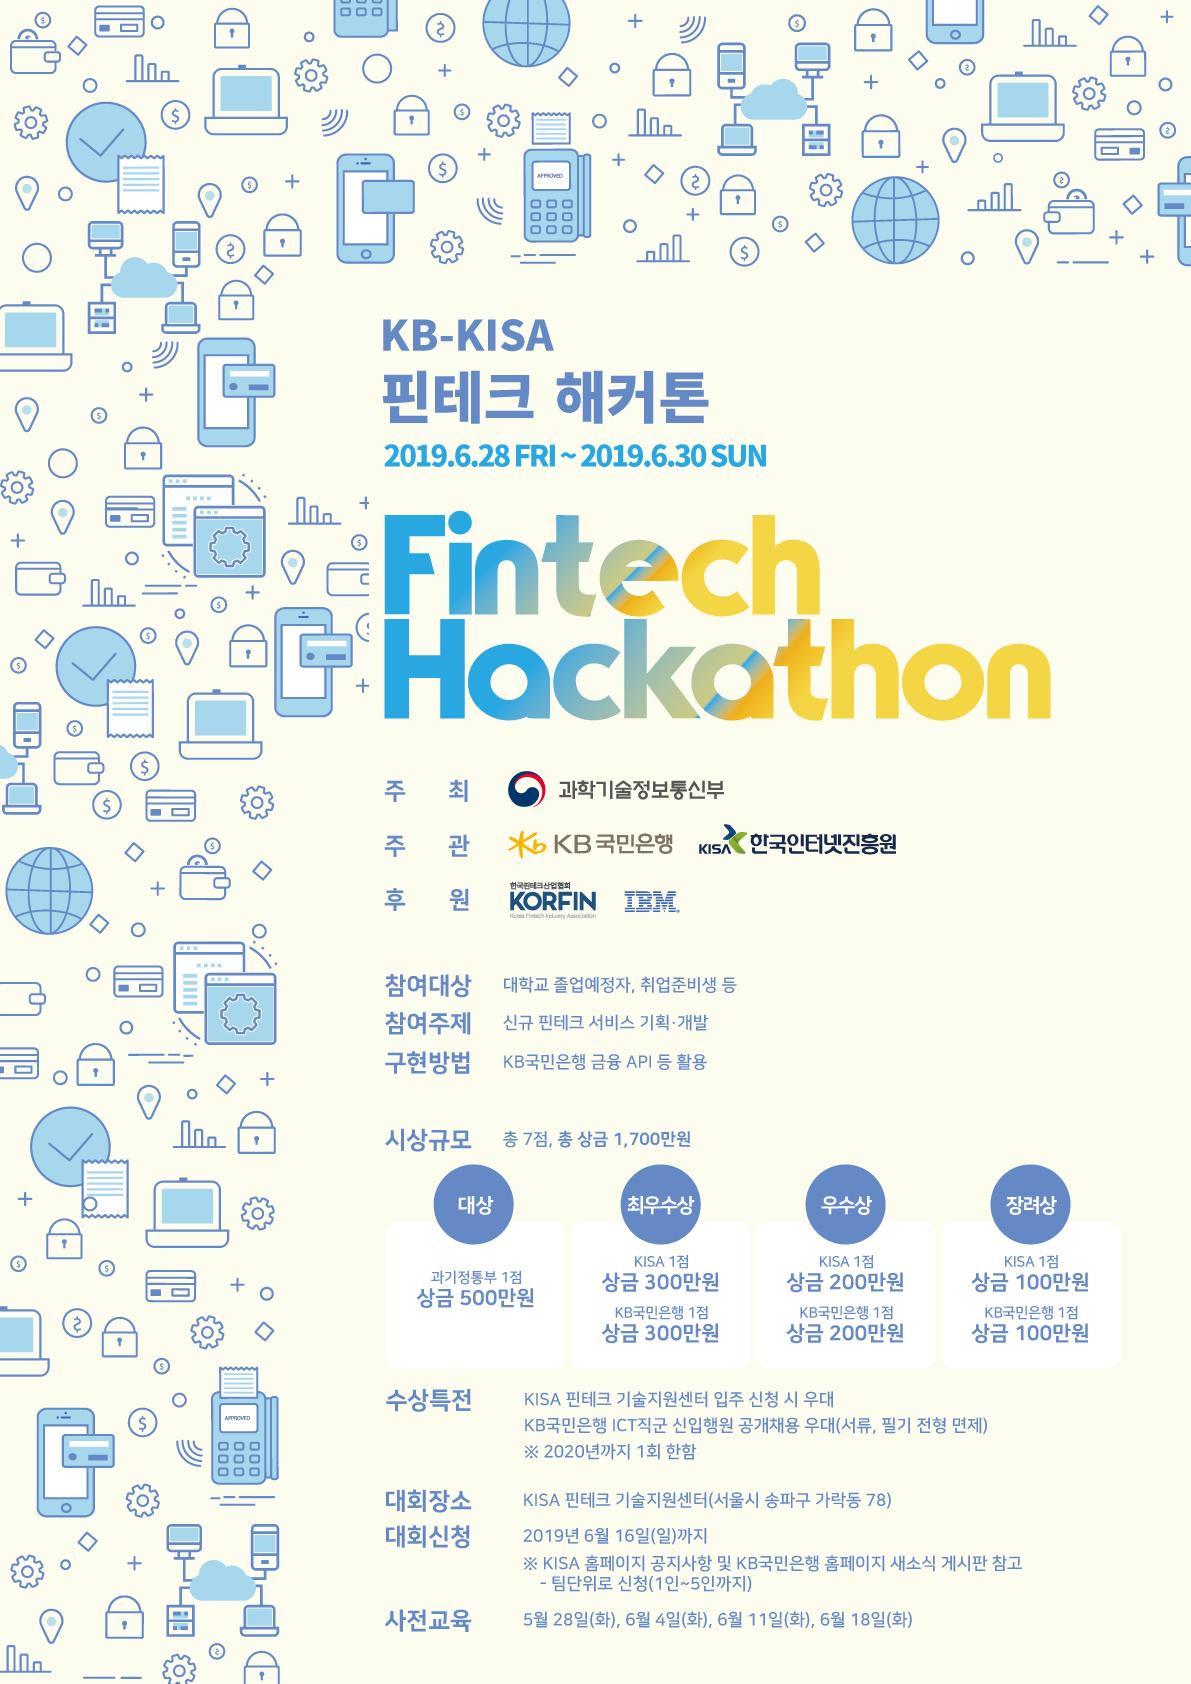 [KB-KISA] KB국민은행-KISA 핀테크 해커톤